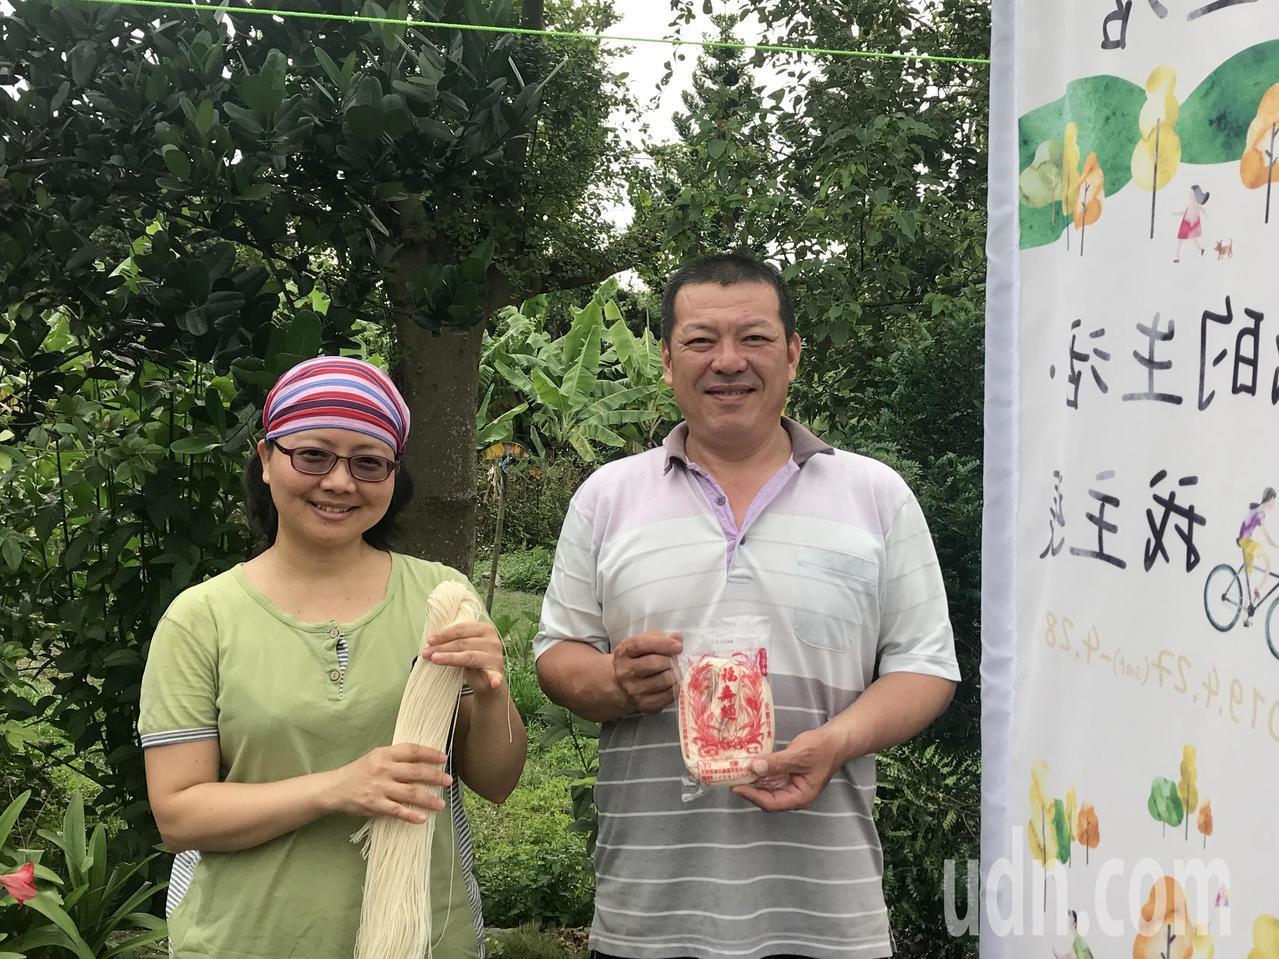 潮州鎮僅存的日曬製麵店竹輝行,12年前一度面臨人力斷層而險些消失,然而余玫芬和劉...